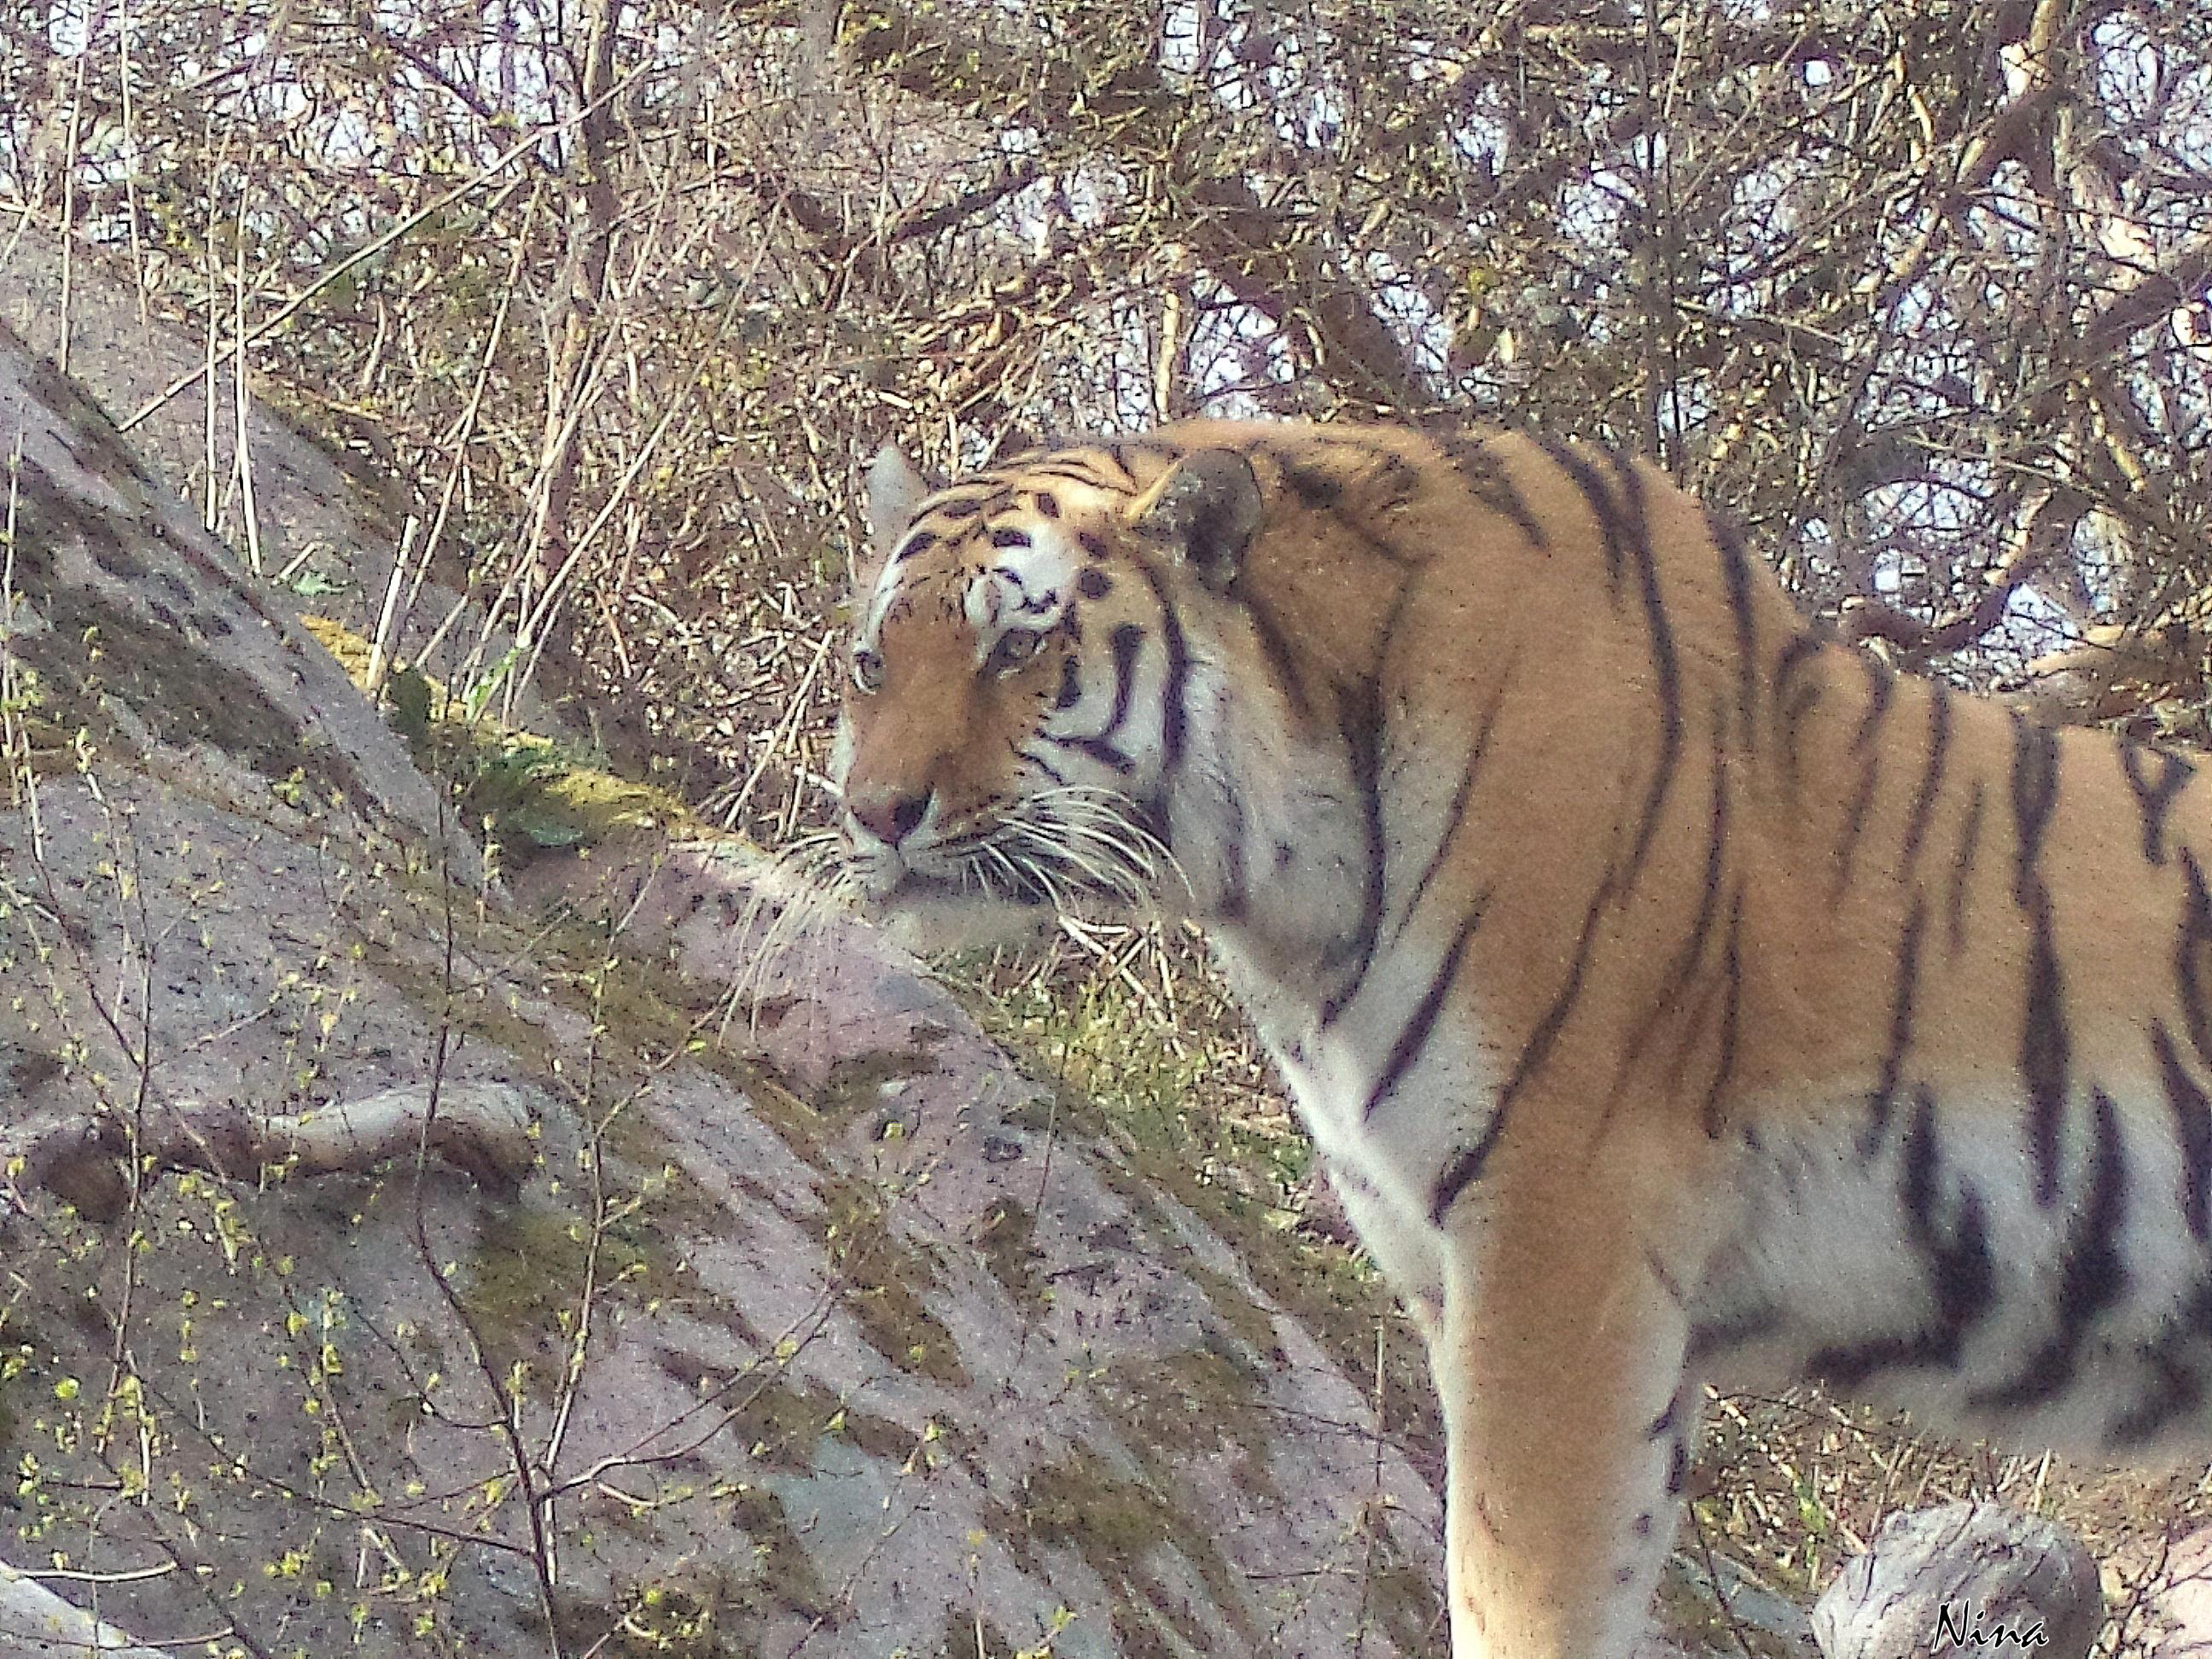 Tigern blickar ut